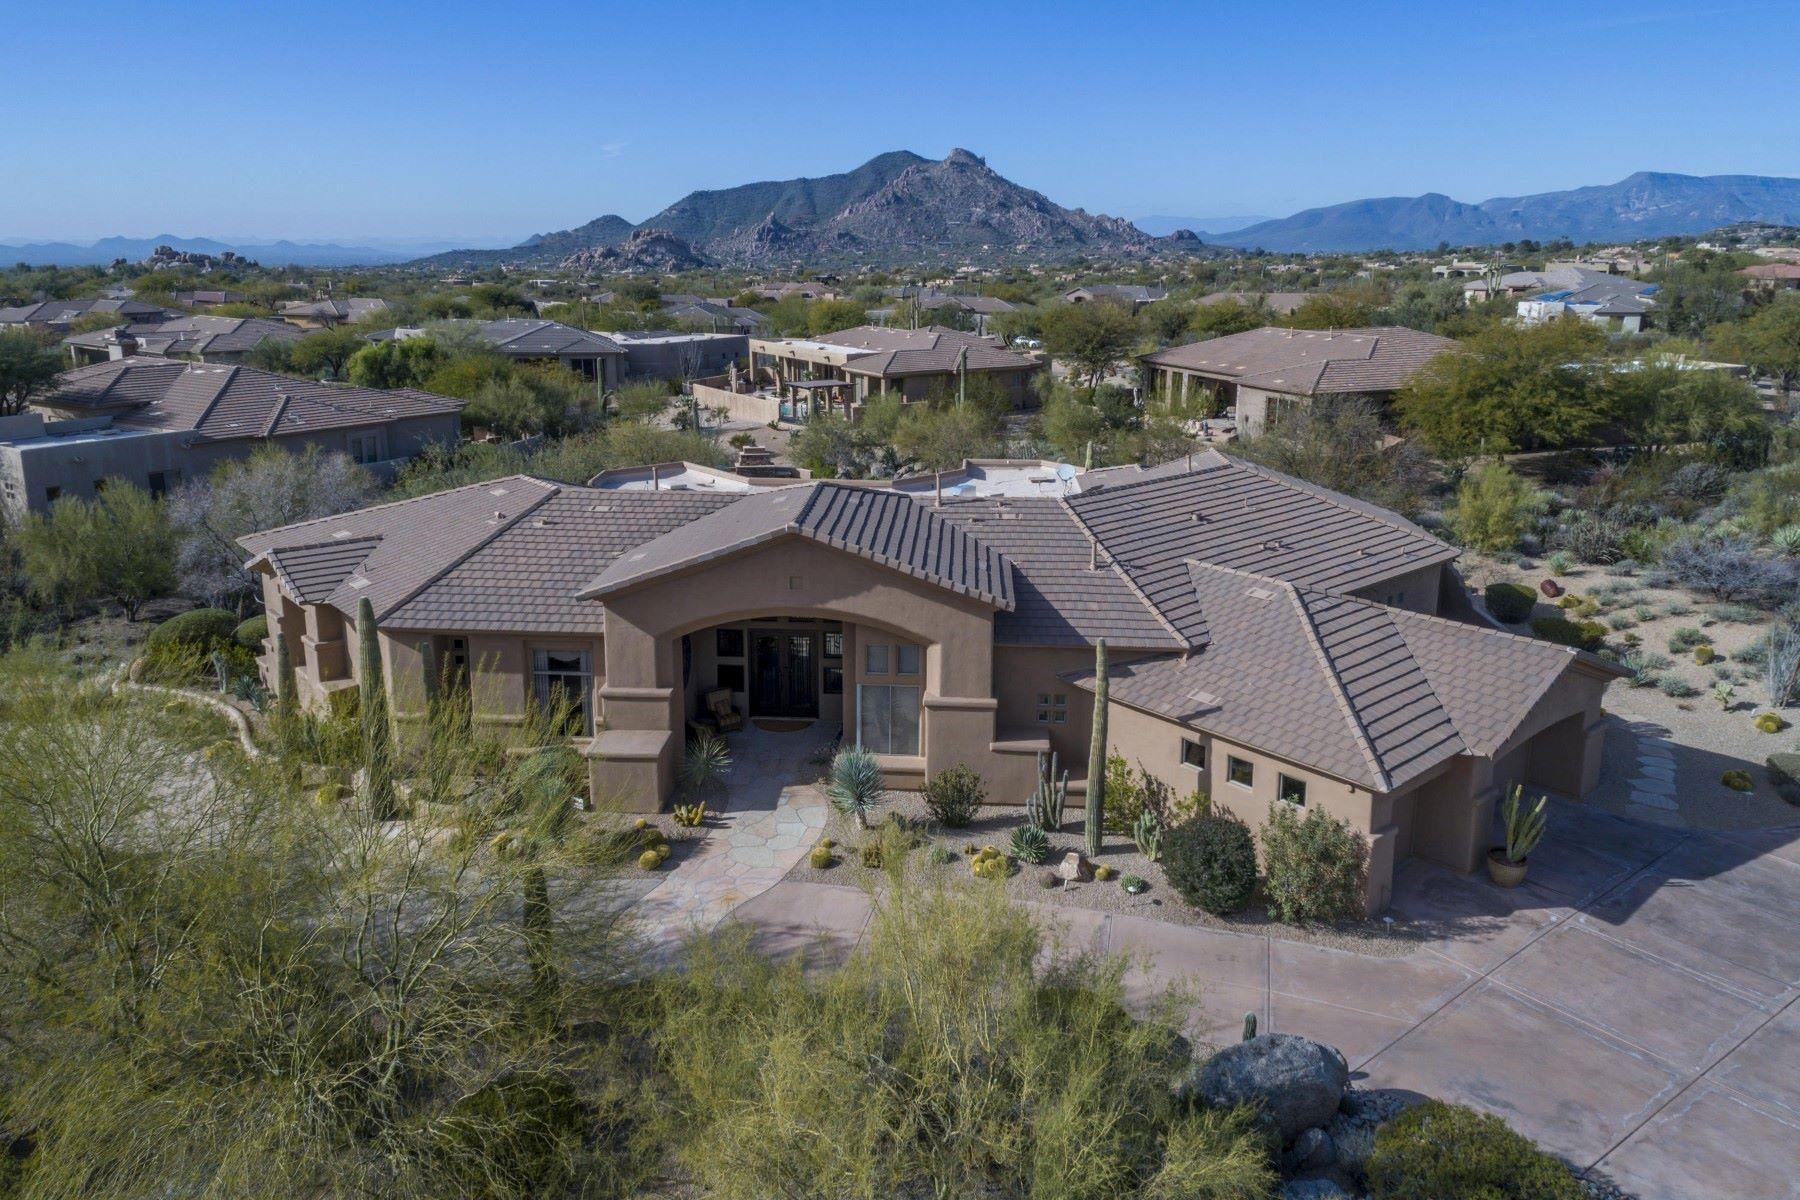 Maison unifamiliale pour l Vente à Private Retreat and Entertainer's Delight in the beautiful community of Verdante 8172 E Thorntree Dr Scottsdale, Arizona, 85266 États-Unis